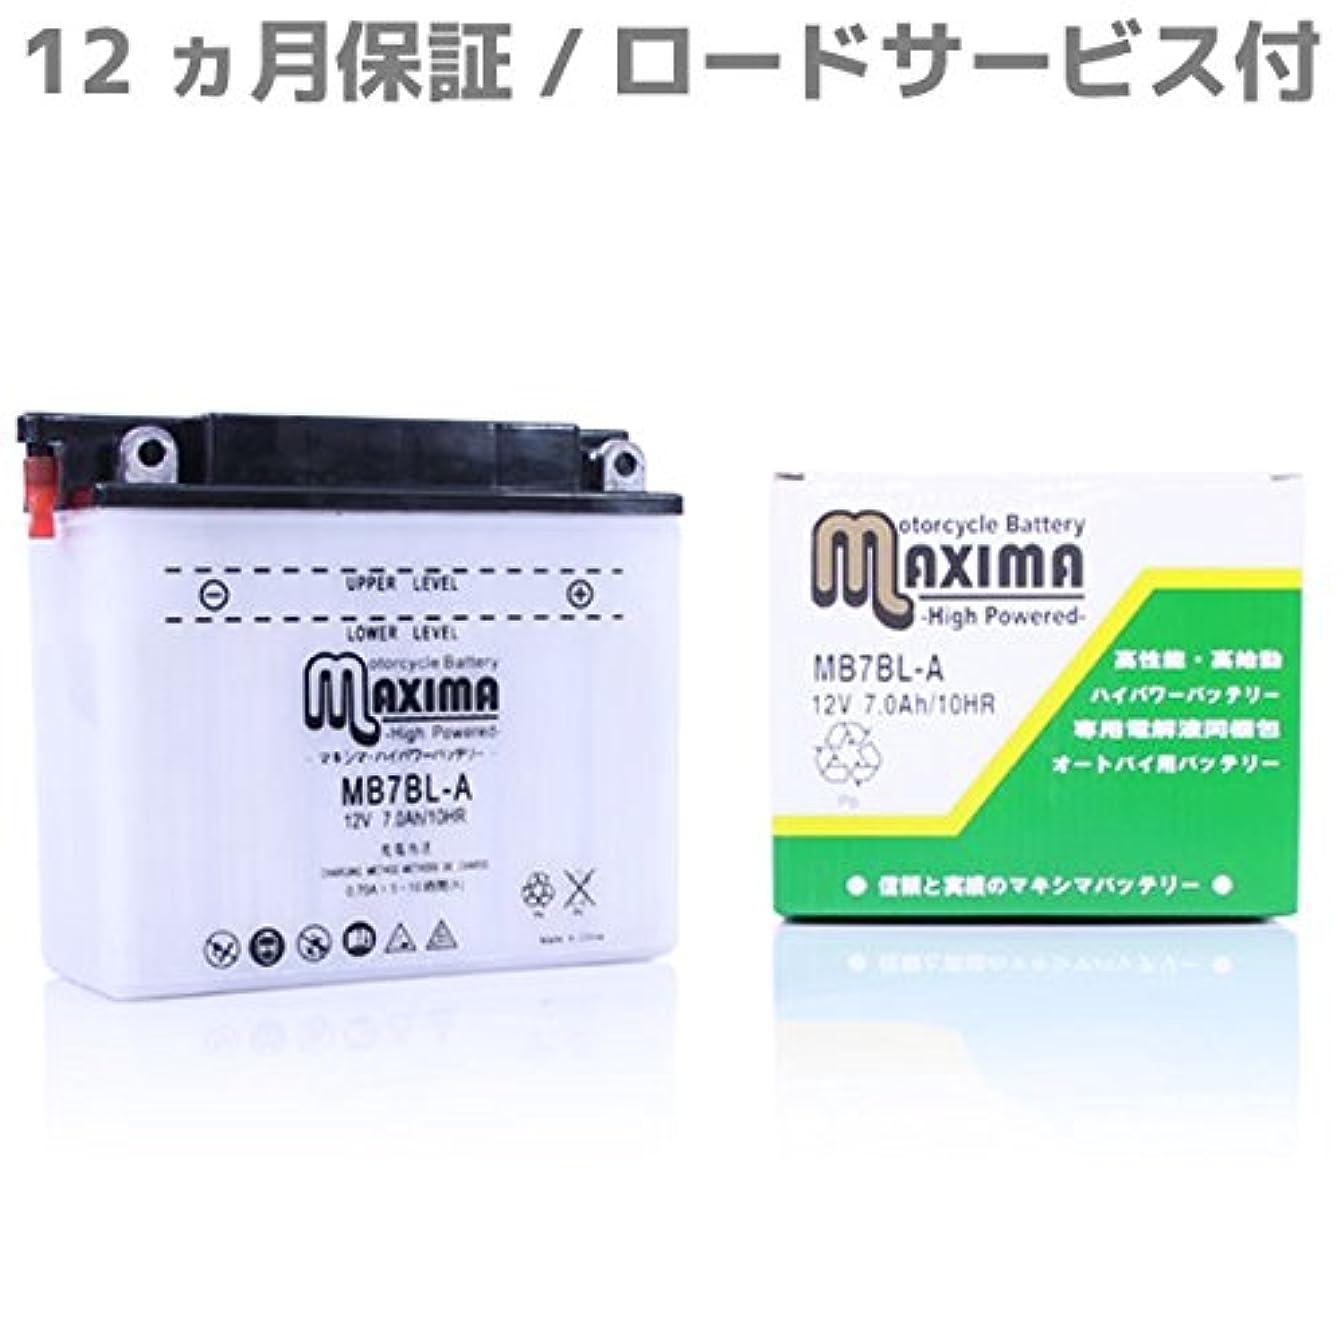 トラフィック描写娯楽マキシマバッテリー MB7BL-A 開放式 バイク用 7BL-A (互換:YB7BL-A/12N7B-3A)